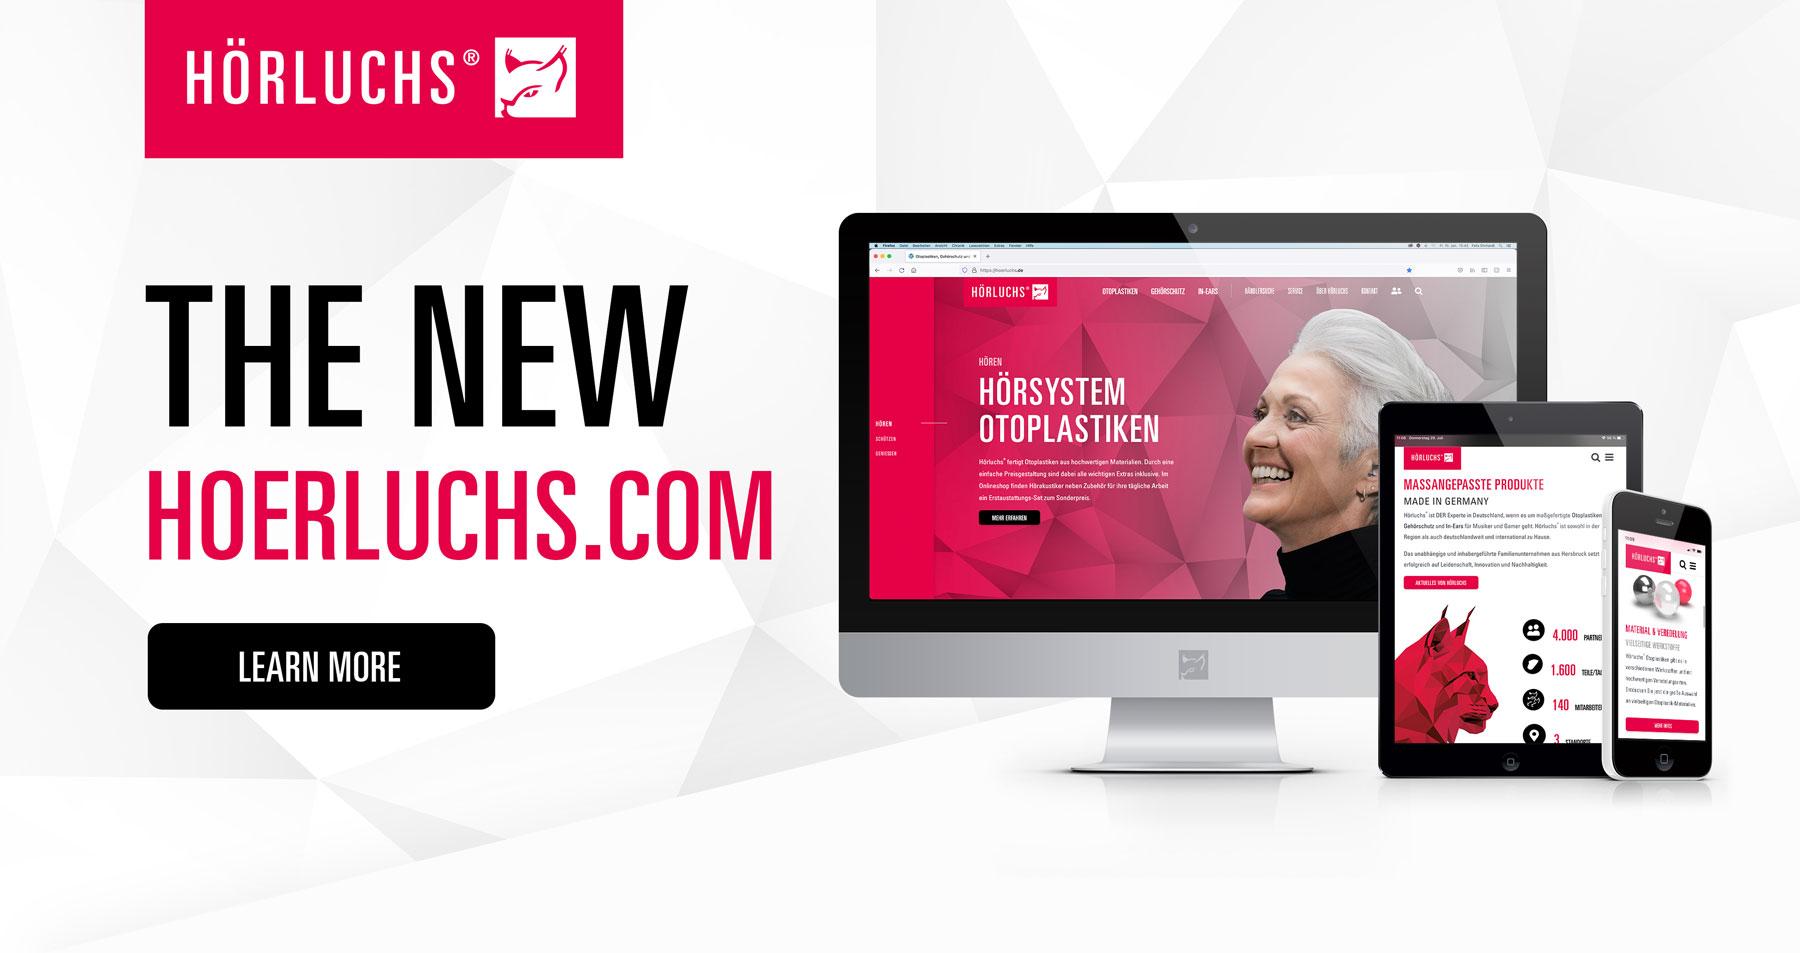 The new Hoerluchs.com